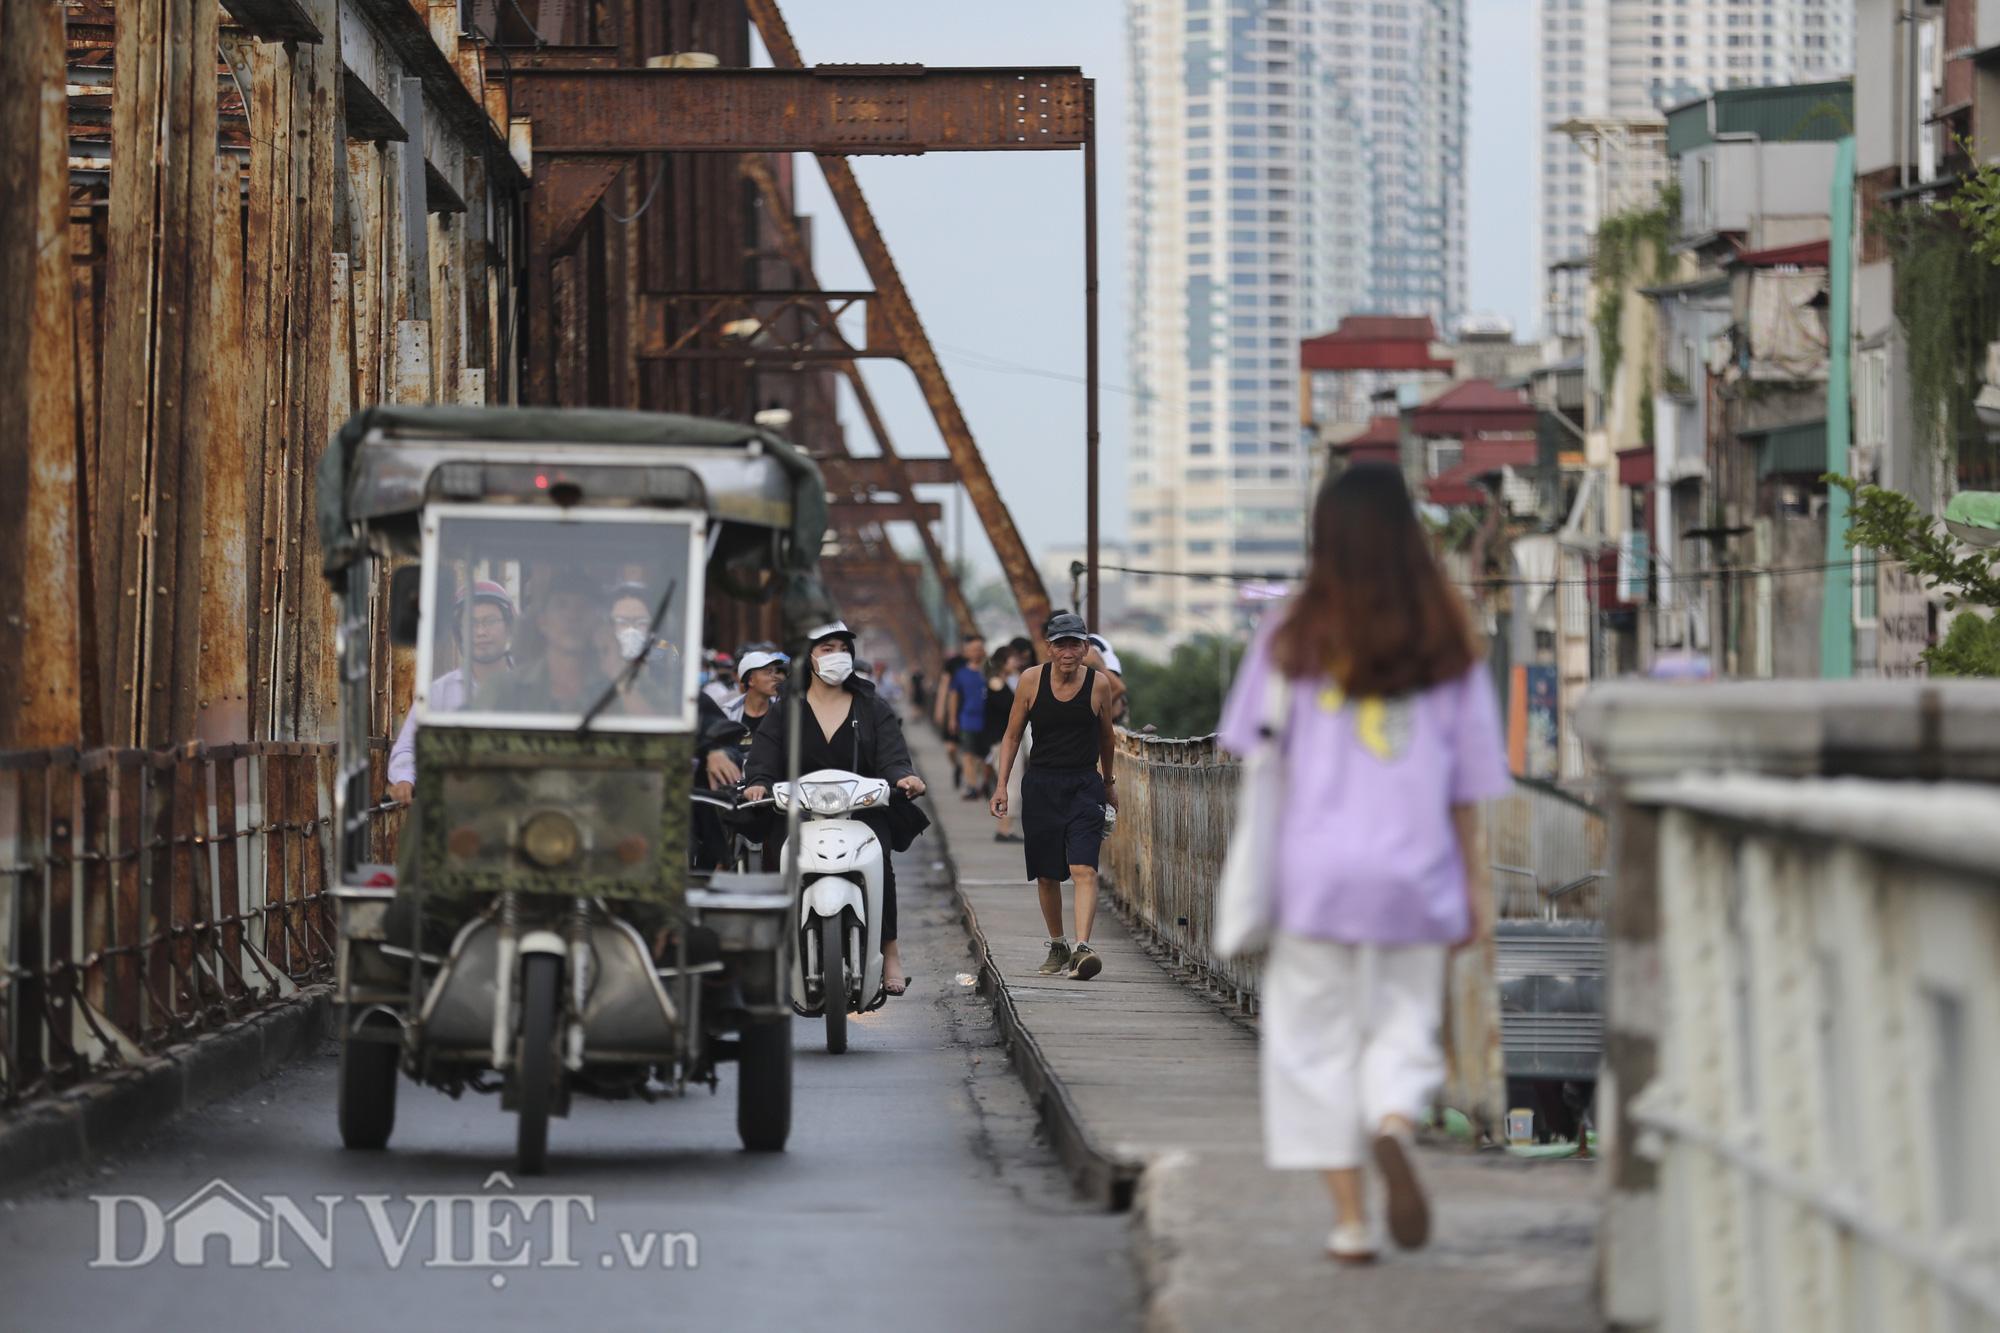 Mặc biển cấm, người dân vẫn vô tư đi bộ trên cầu Long Biên - Ảnh 8.